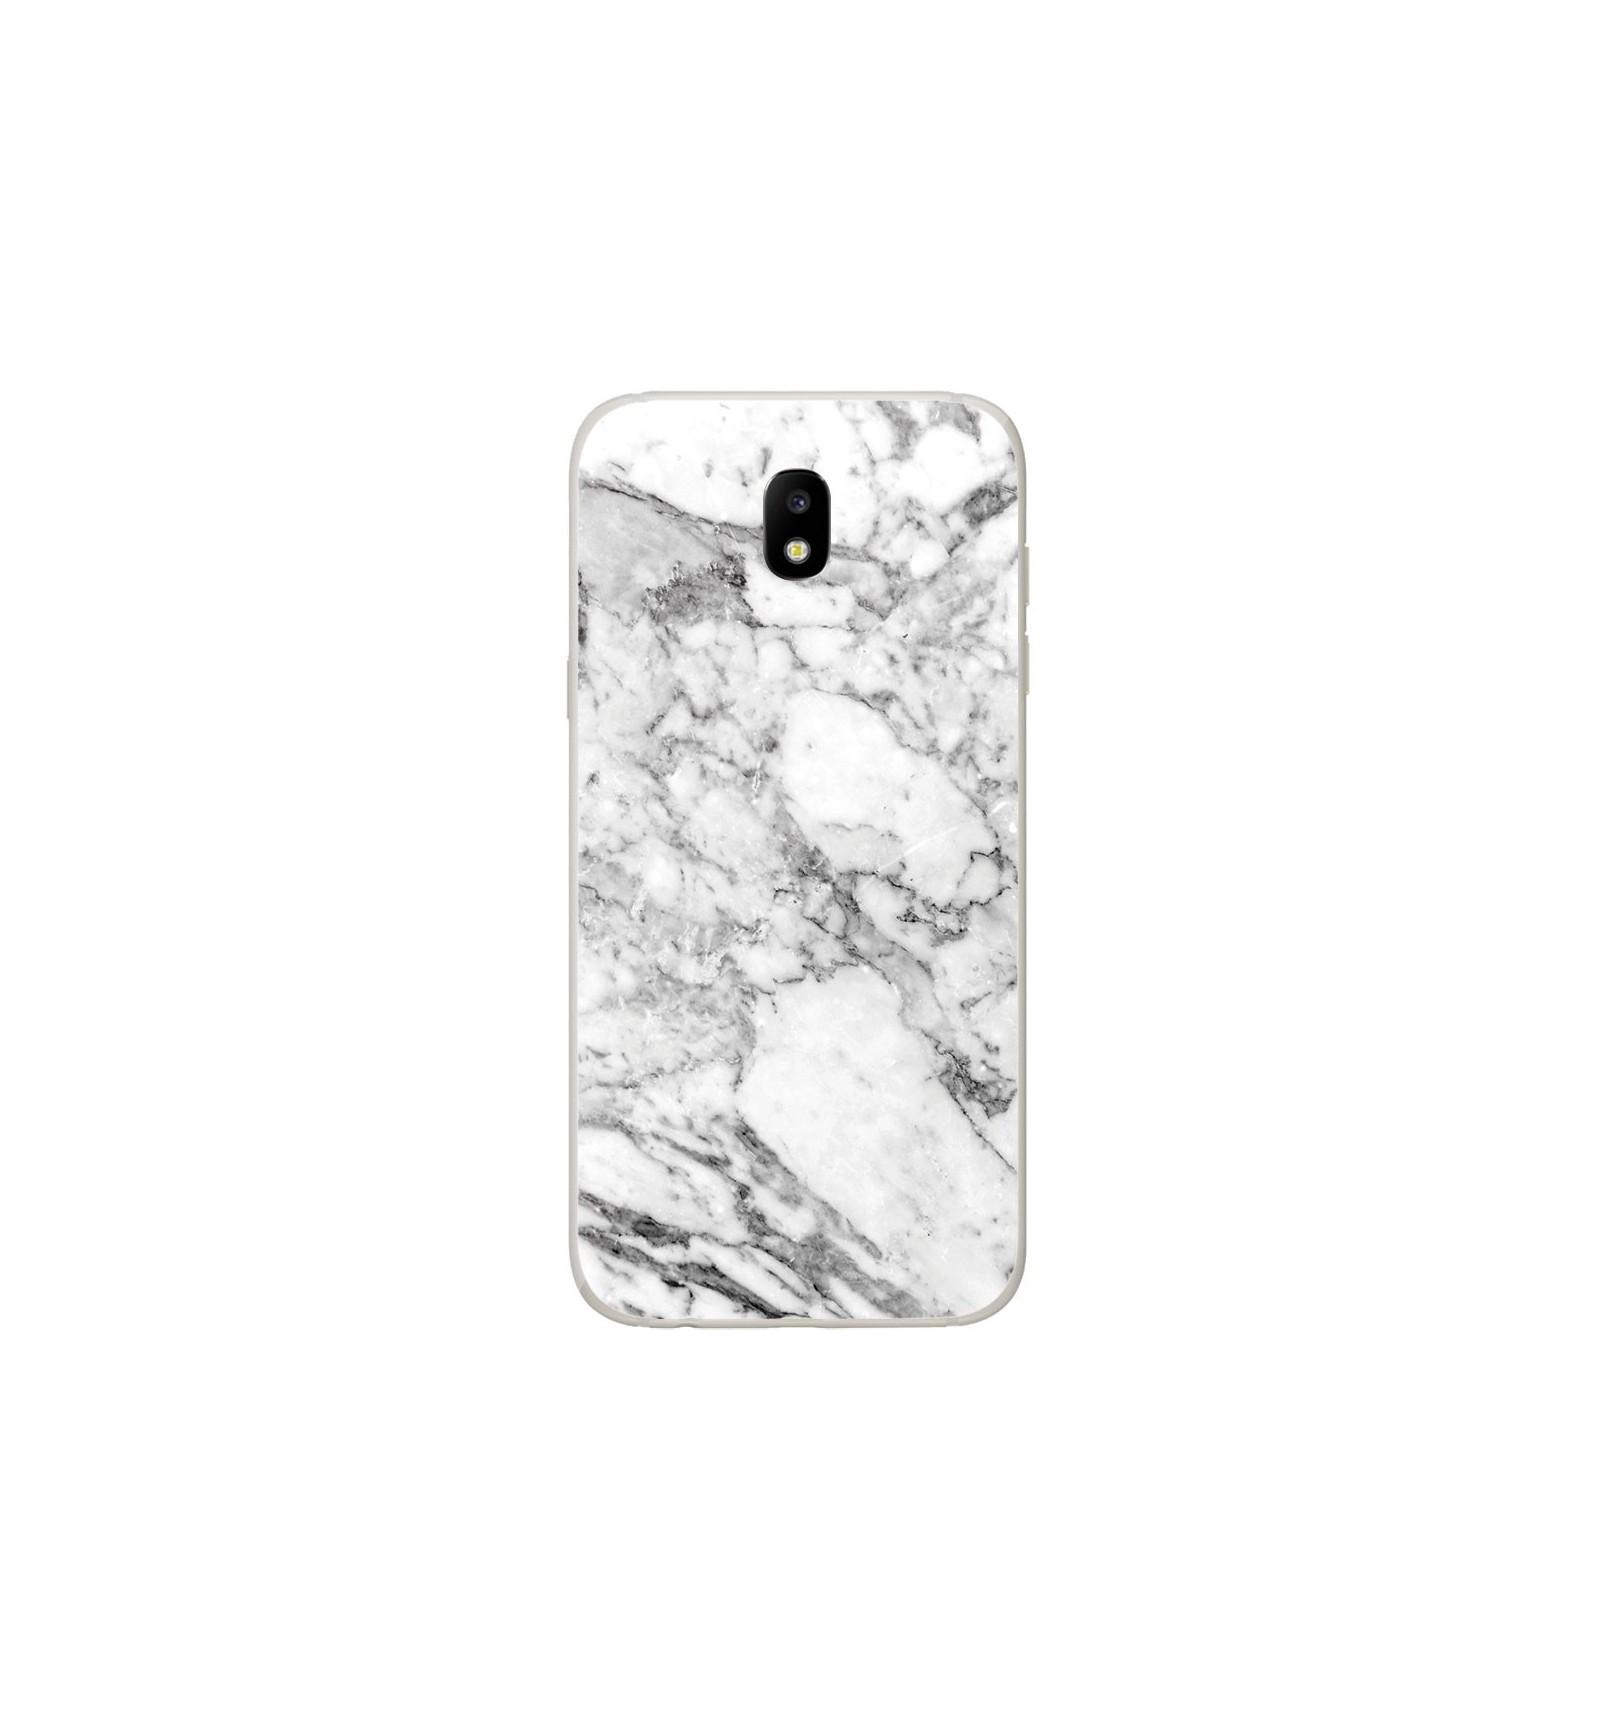 Coque En Silicone Samsung Galaxy J5 2017 Marbre Blanc